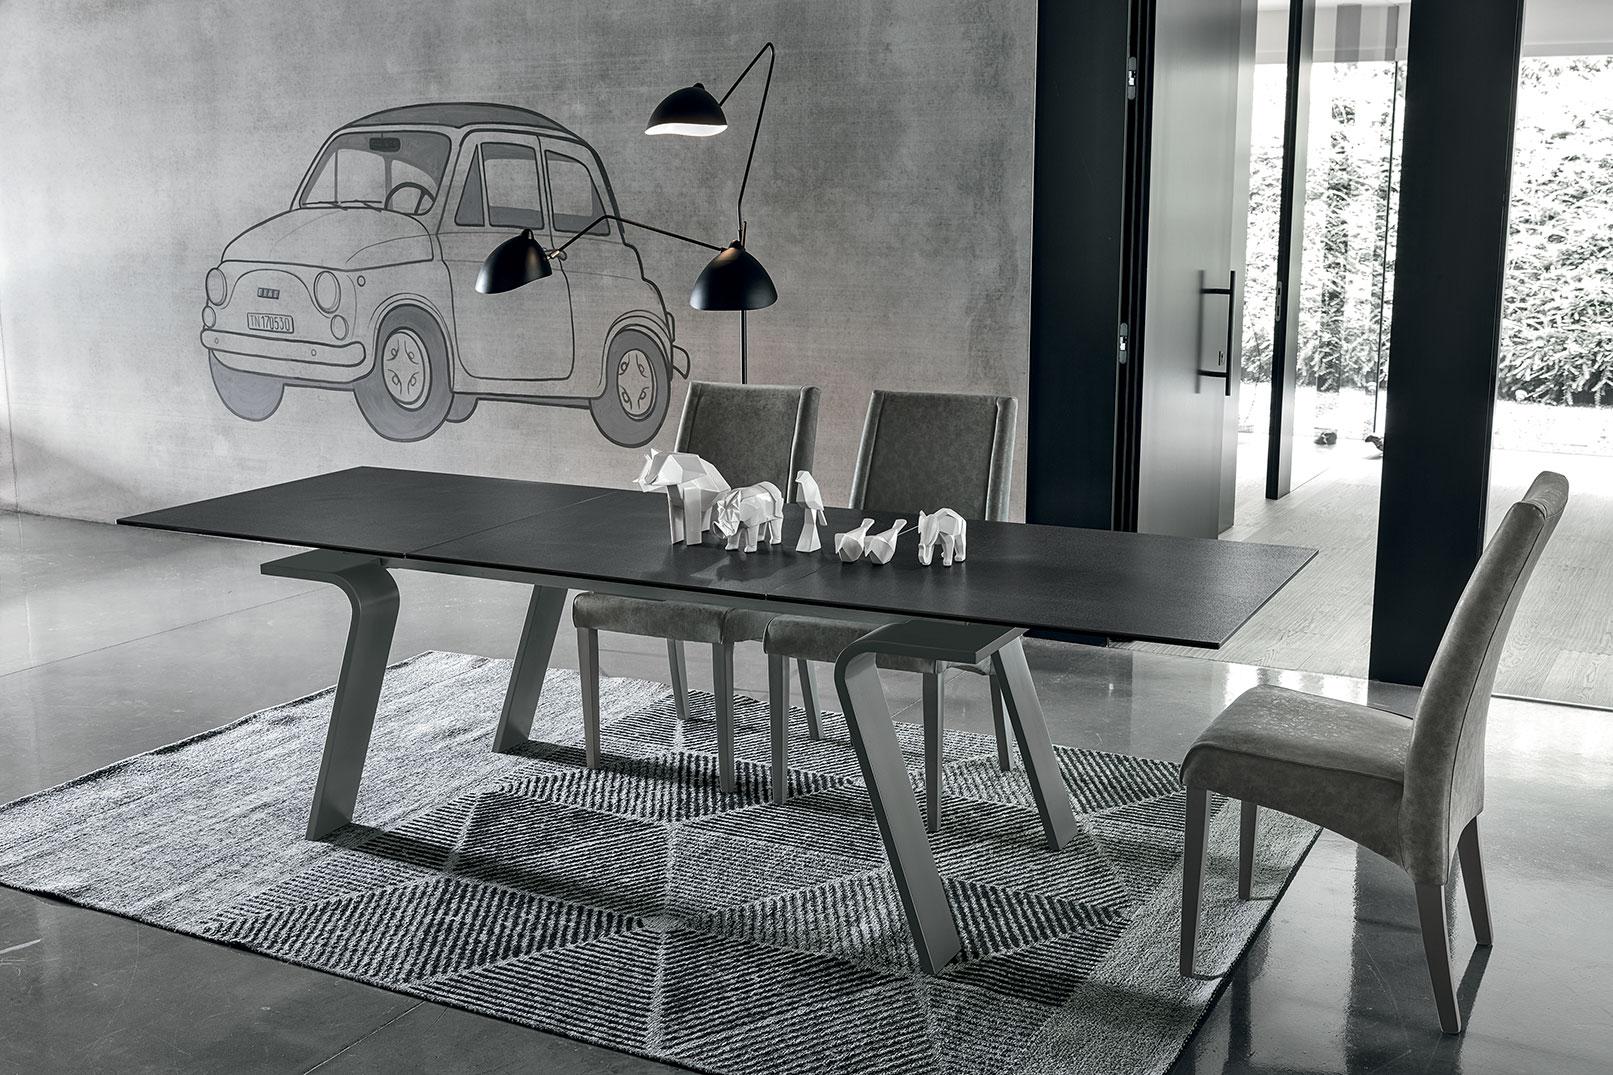 Tavoli in ceramica e gres procellanato